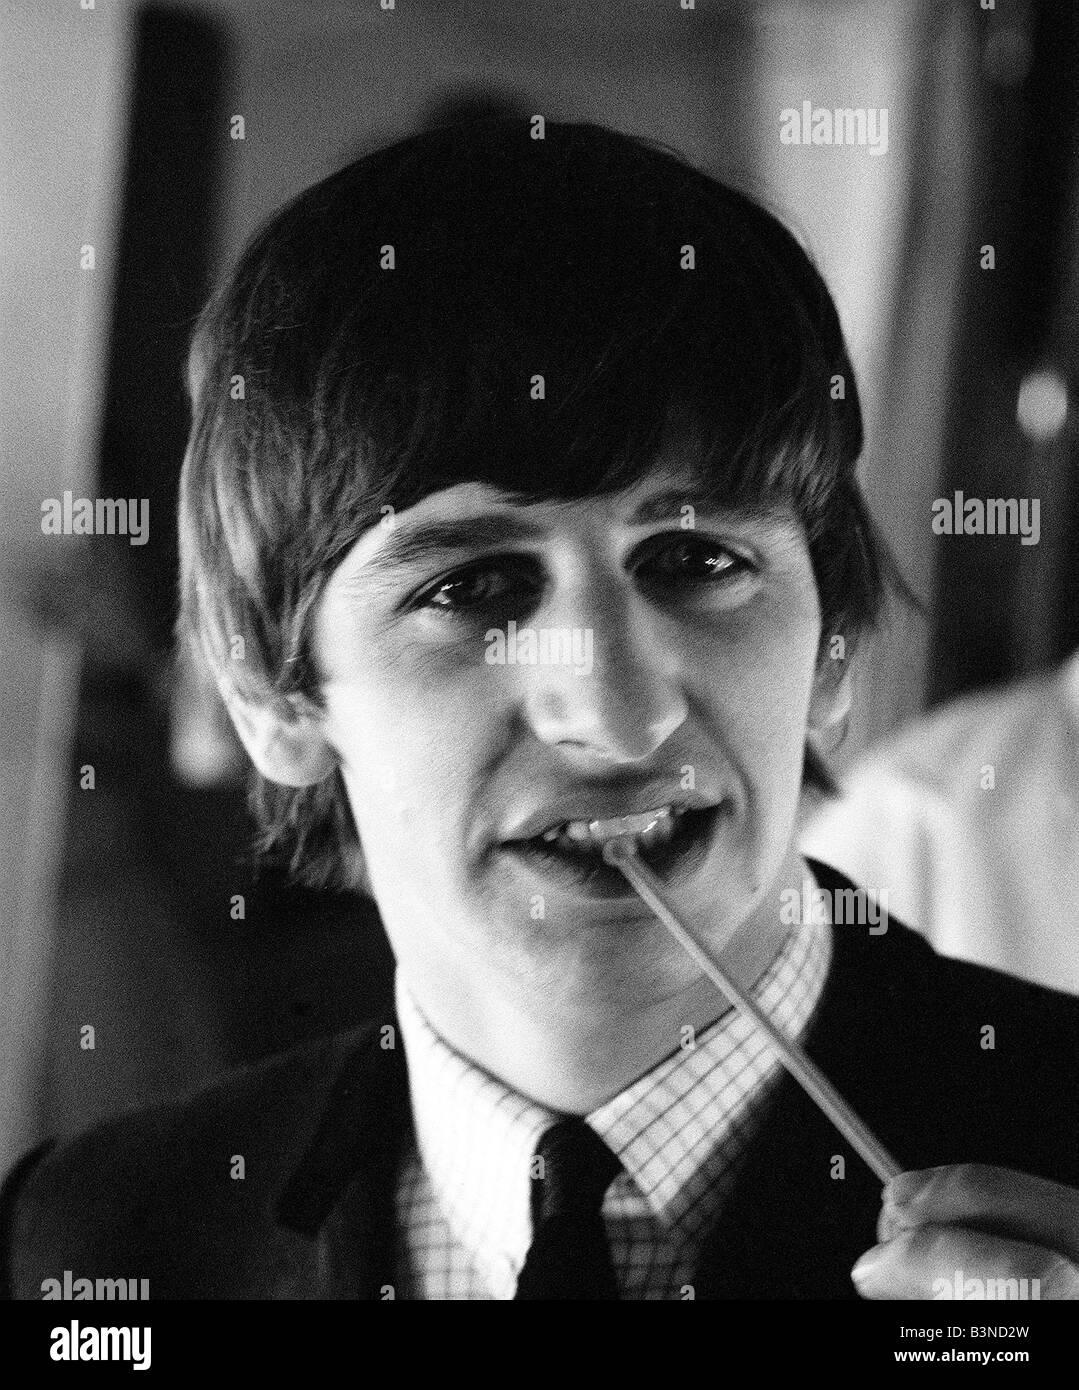 Pop Group The Beatles February 1964 John Lennon Paul McCartney Ringo Starr George Harrison